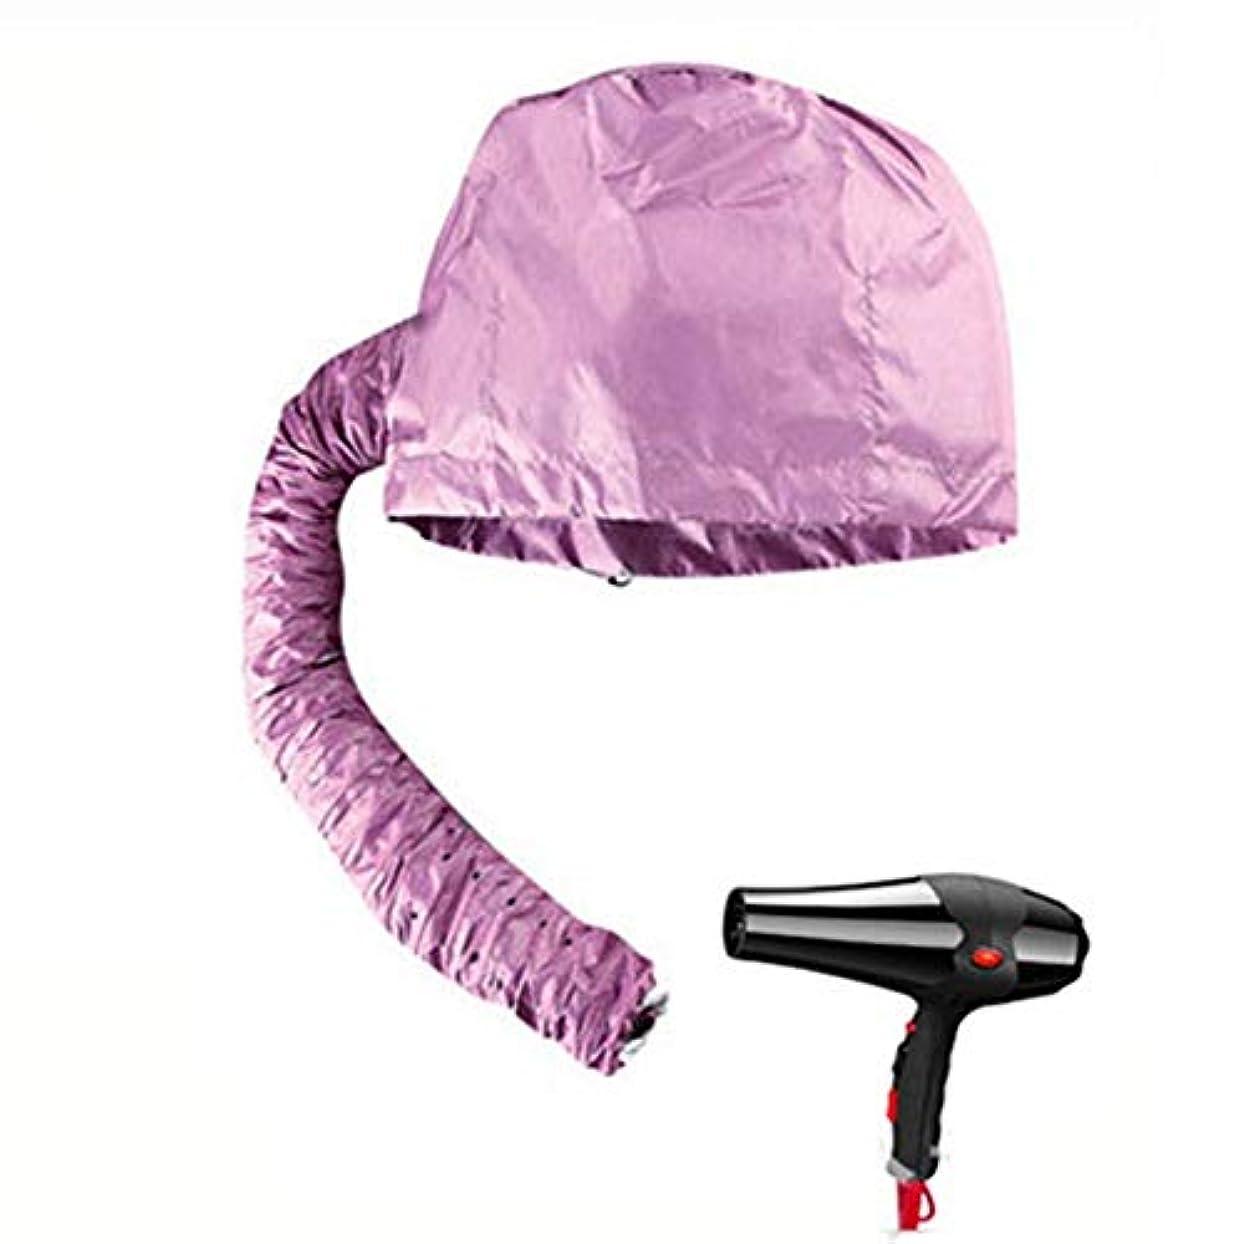 モスキャプチャーカーペットTerGOOSE ヒートキャップ ヘアドライヤーキャップ 加温キャップ DIY 加熱機能 マイルドヒートキャップ ヘアケア帽子 髪干し帽子 髪ケア ホームサロン タイマー機能 携帯(パープル)